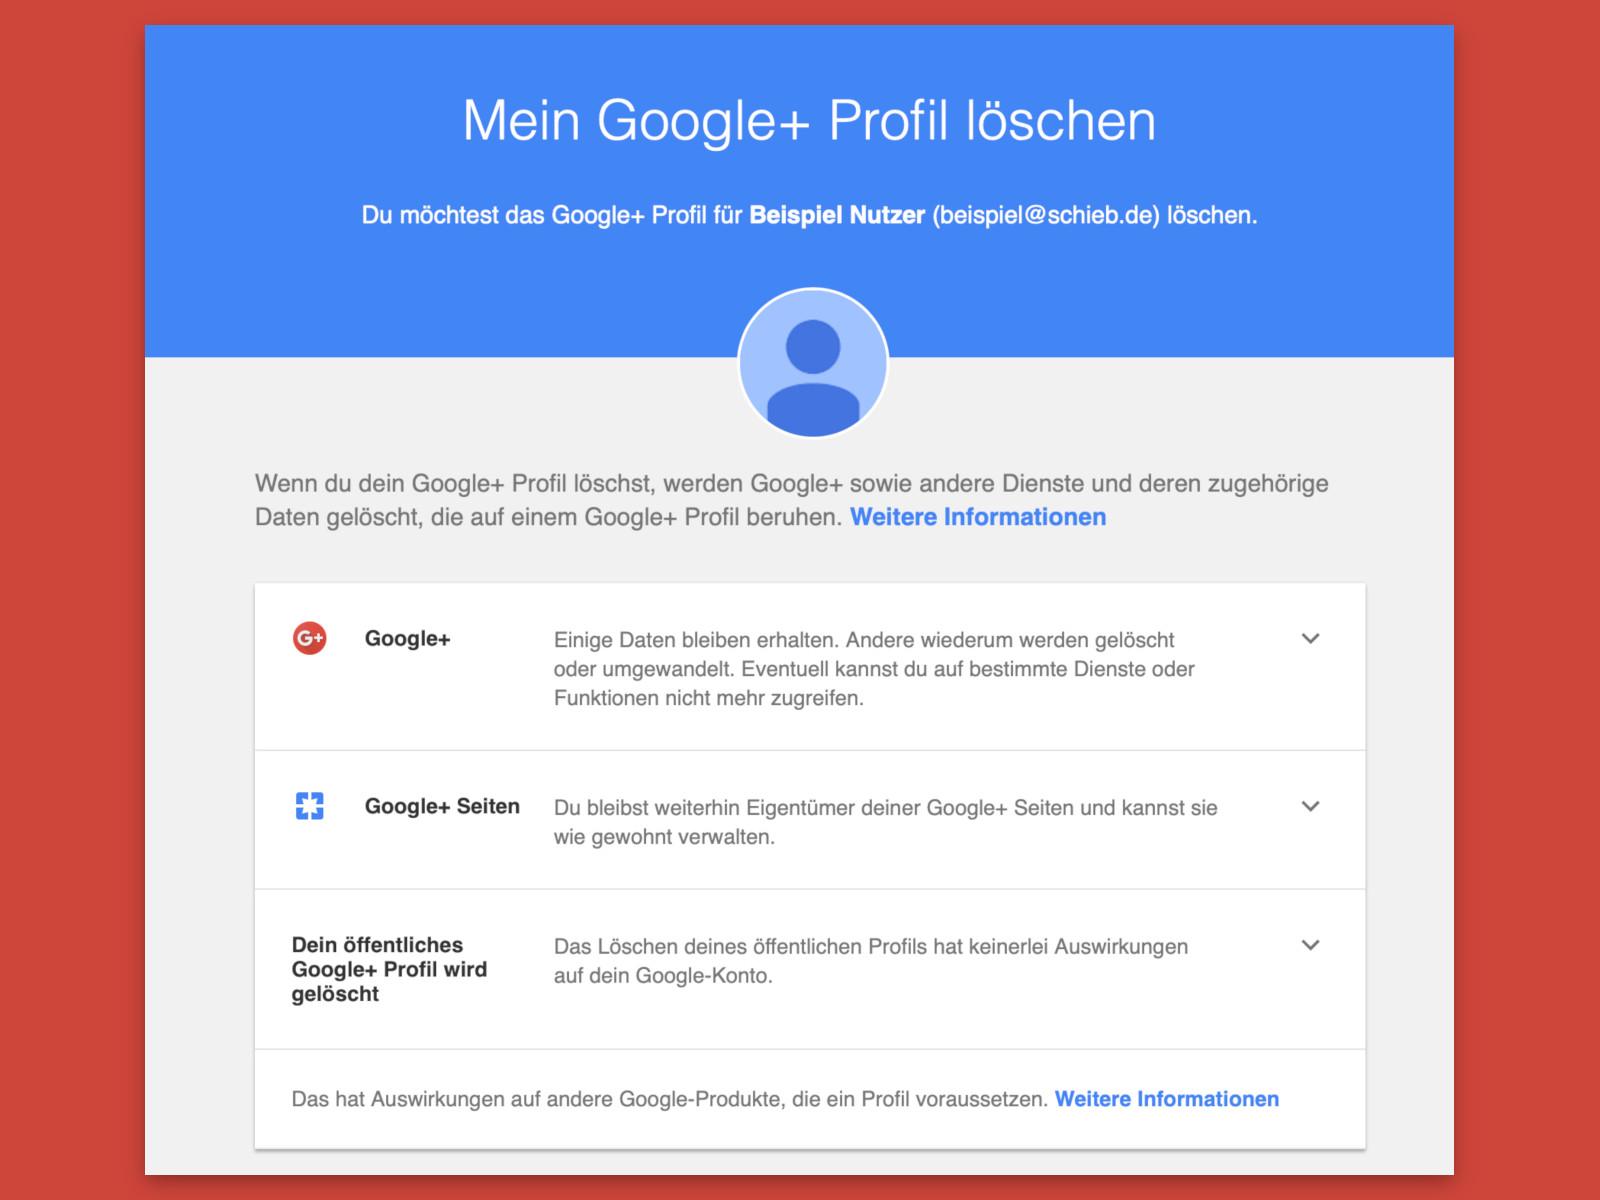 profil löschen